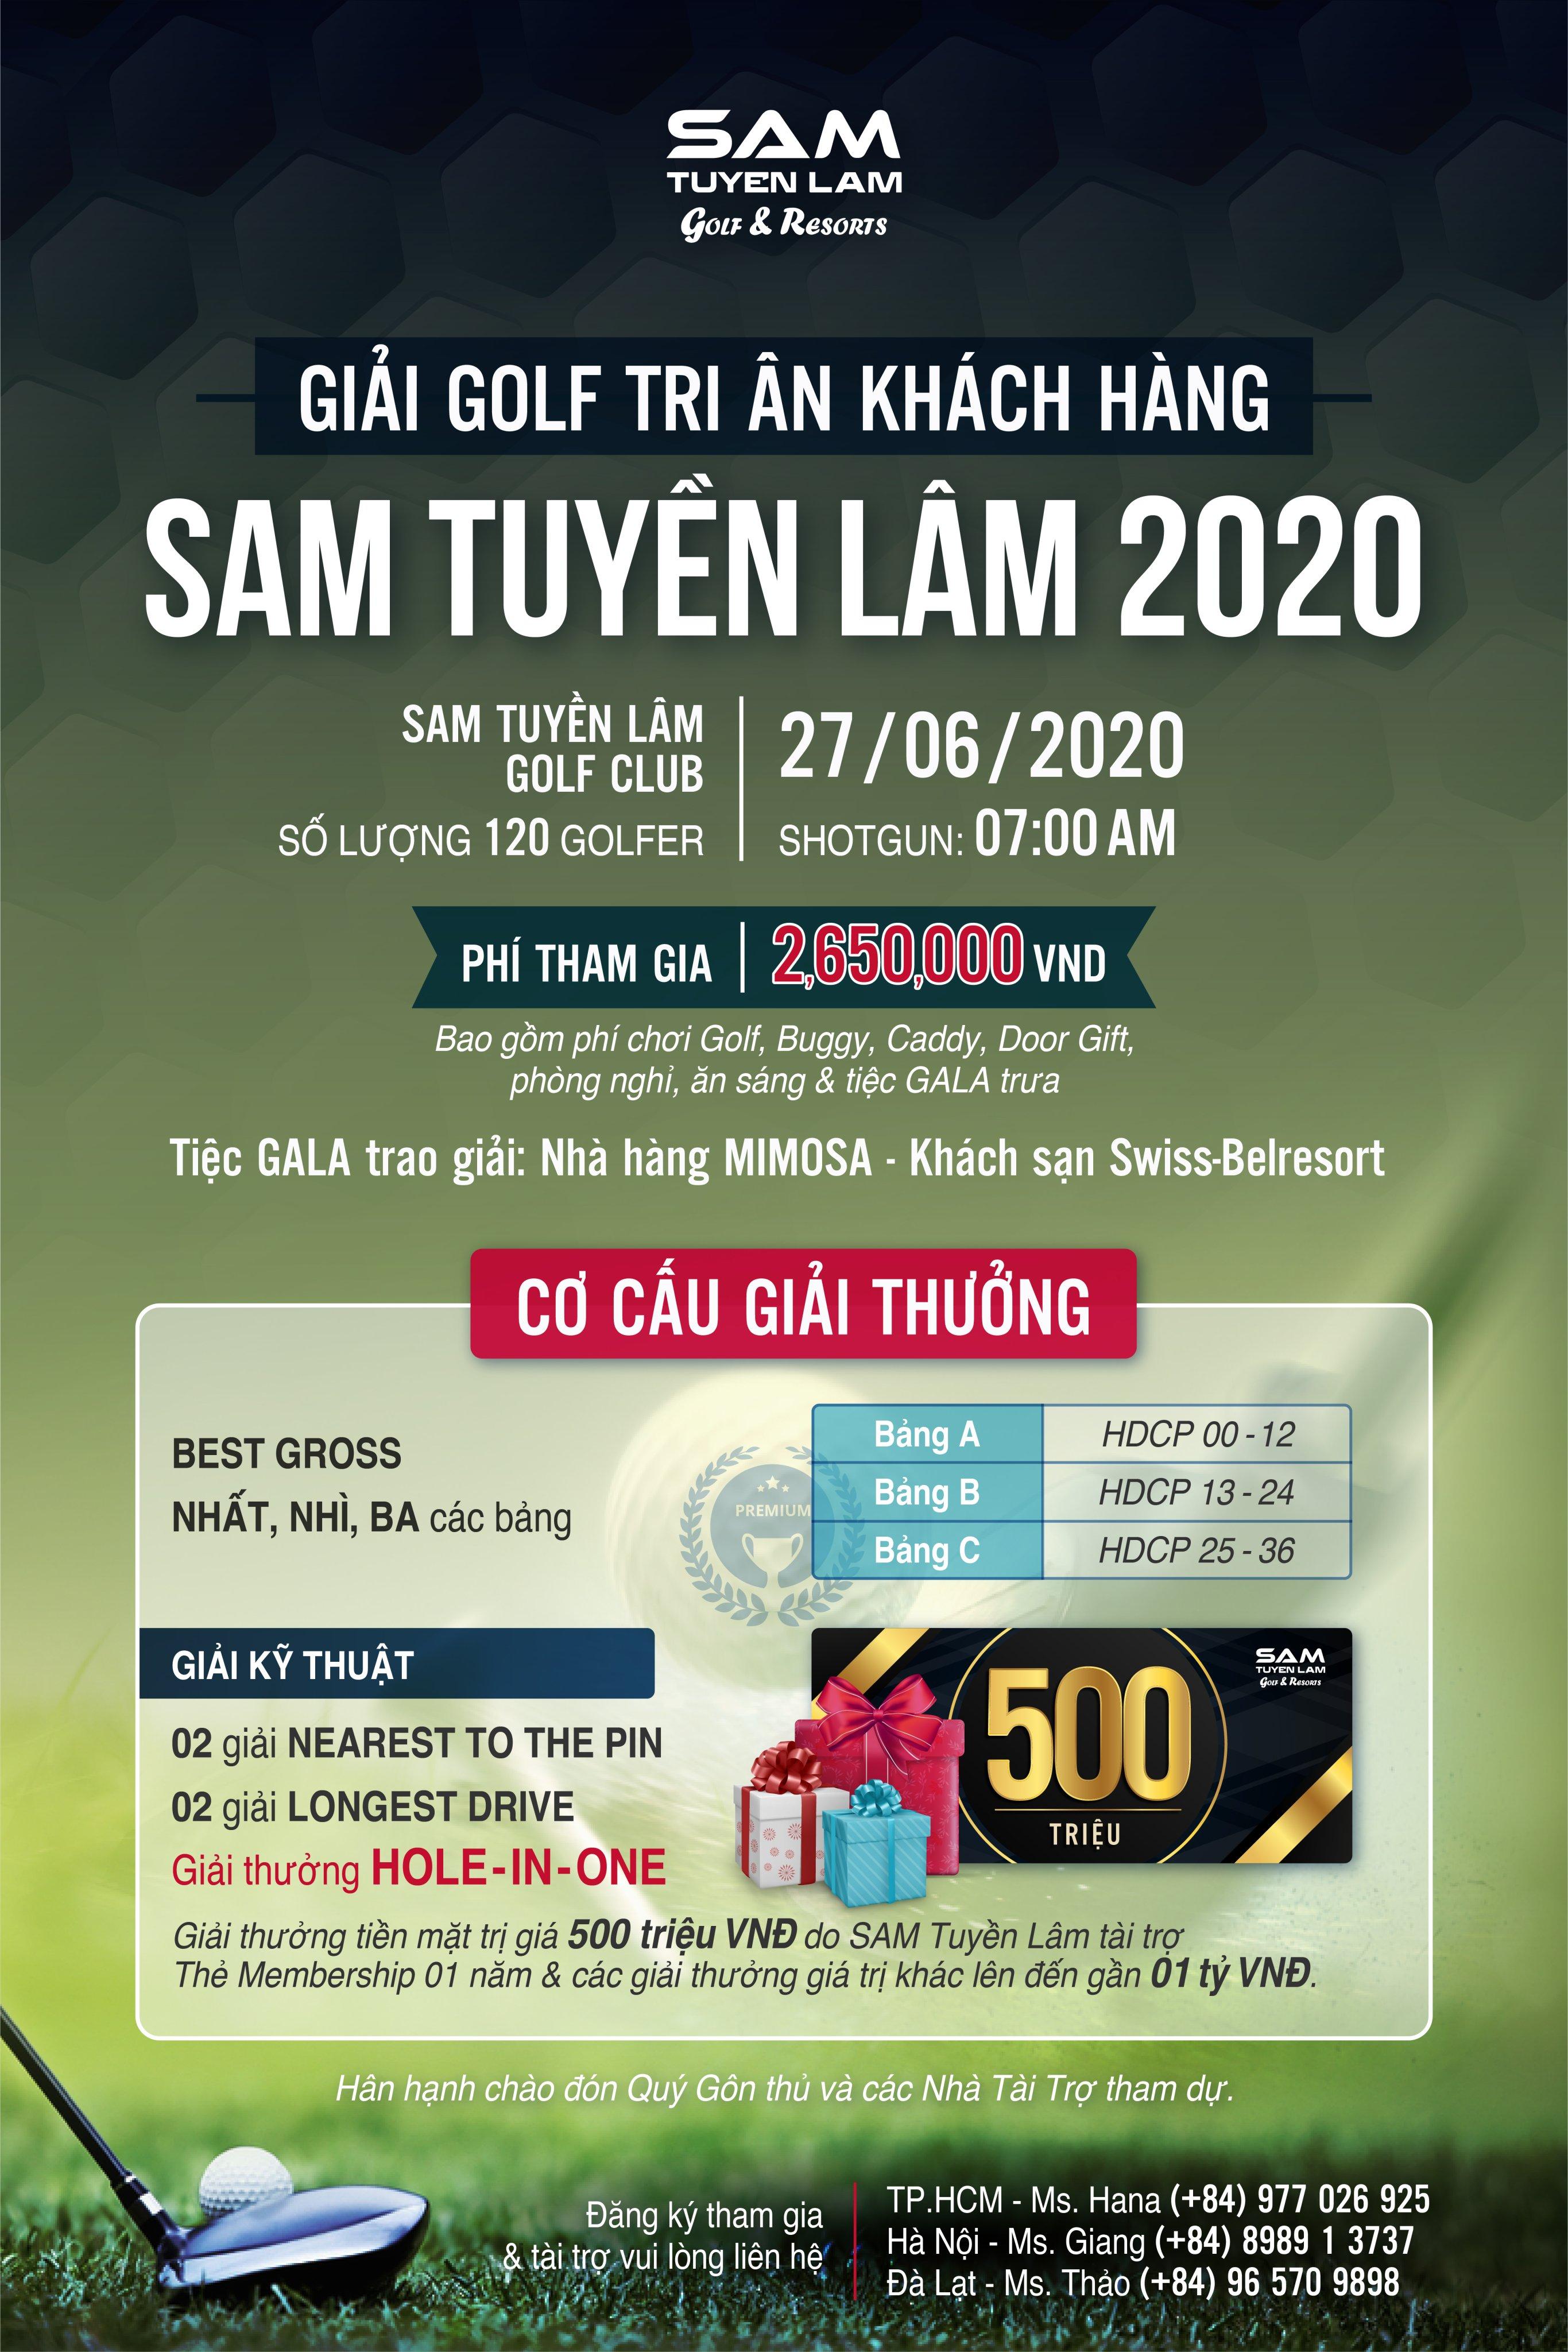 GIẢI TRI ÂN KHÁCH HÀNG SAM TUYỀN LÂM 2020